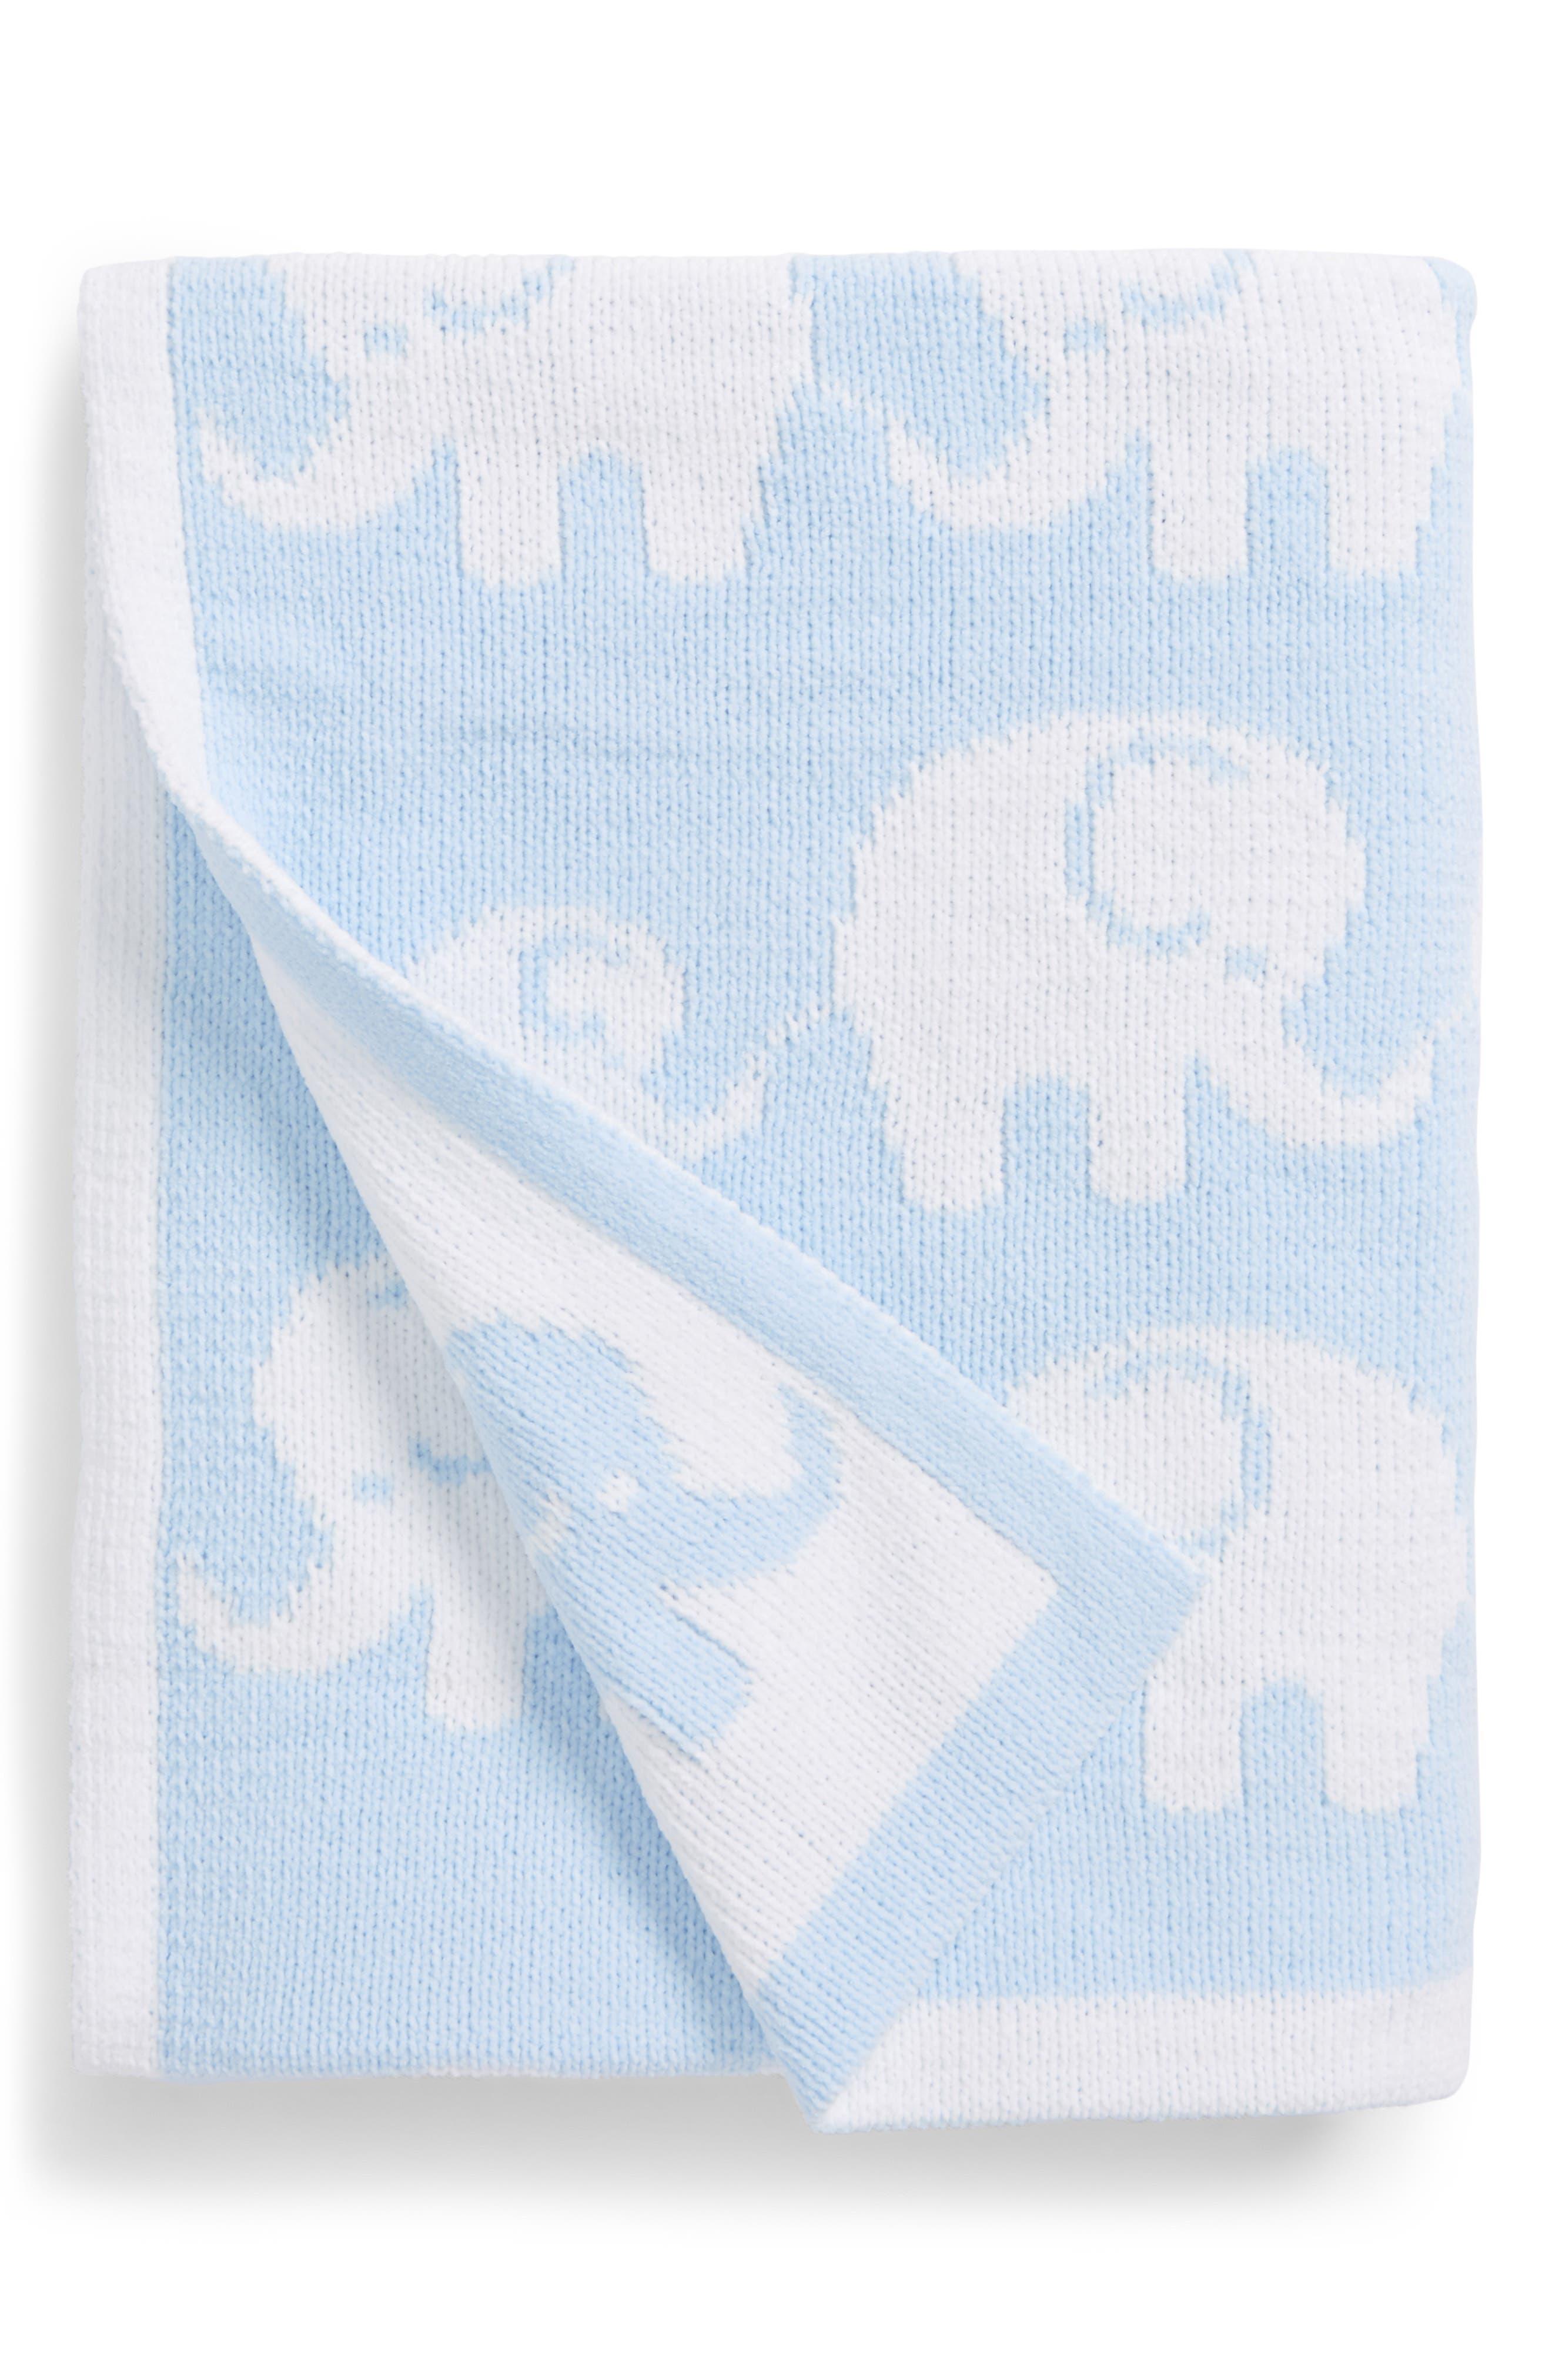 Alternate Image 1 Selected - Nordstrom Baby Chenille Blanket